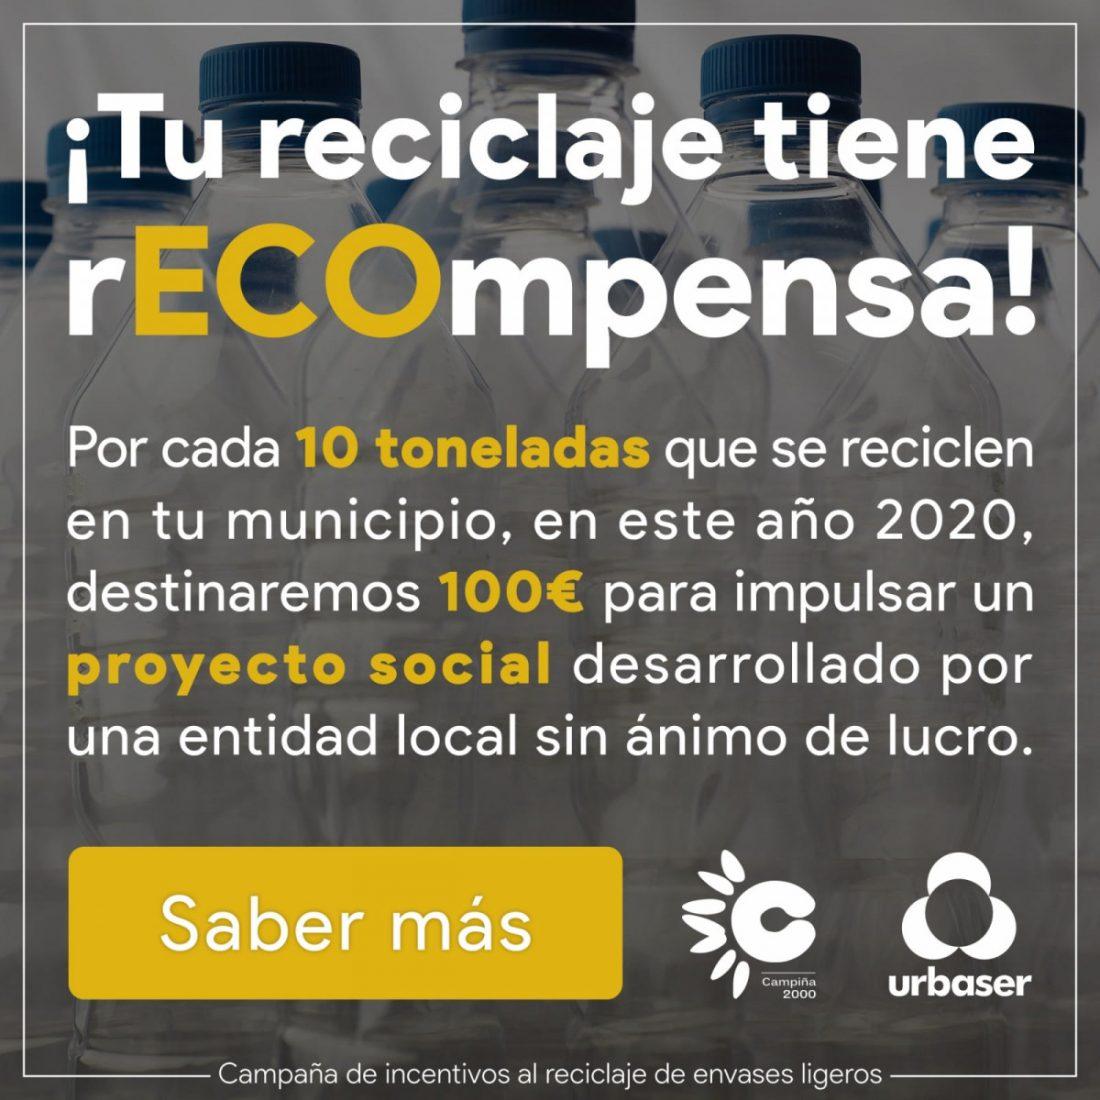 AionSur 8f252024-9465-44f1-84bd-1a41d28dce0f-min Retama, asociación de La Puebla que se beneficiará de los fondos conseguidos al reciclaje de envases ligeros Medio Ambiente Sociedad destacado